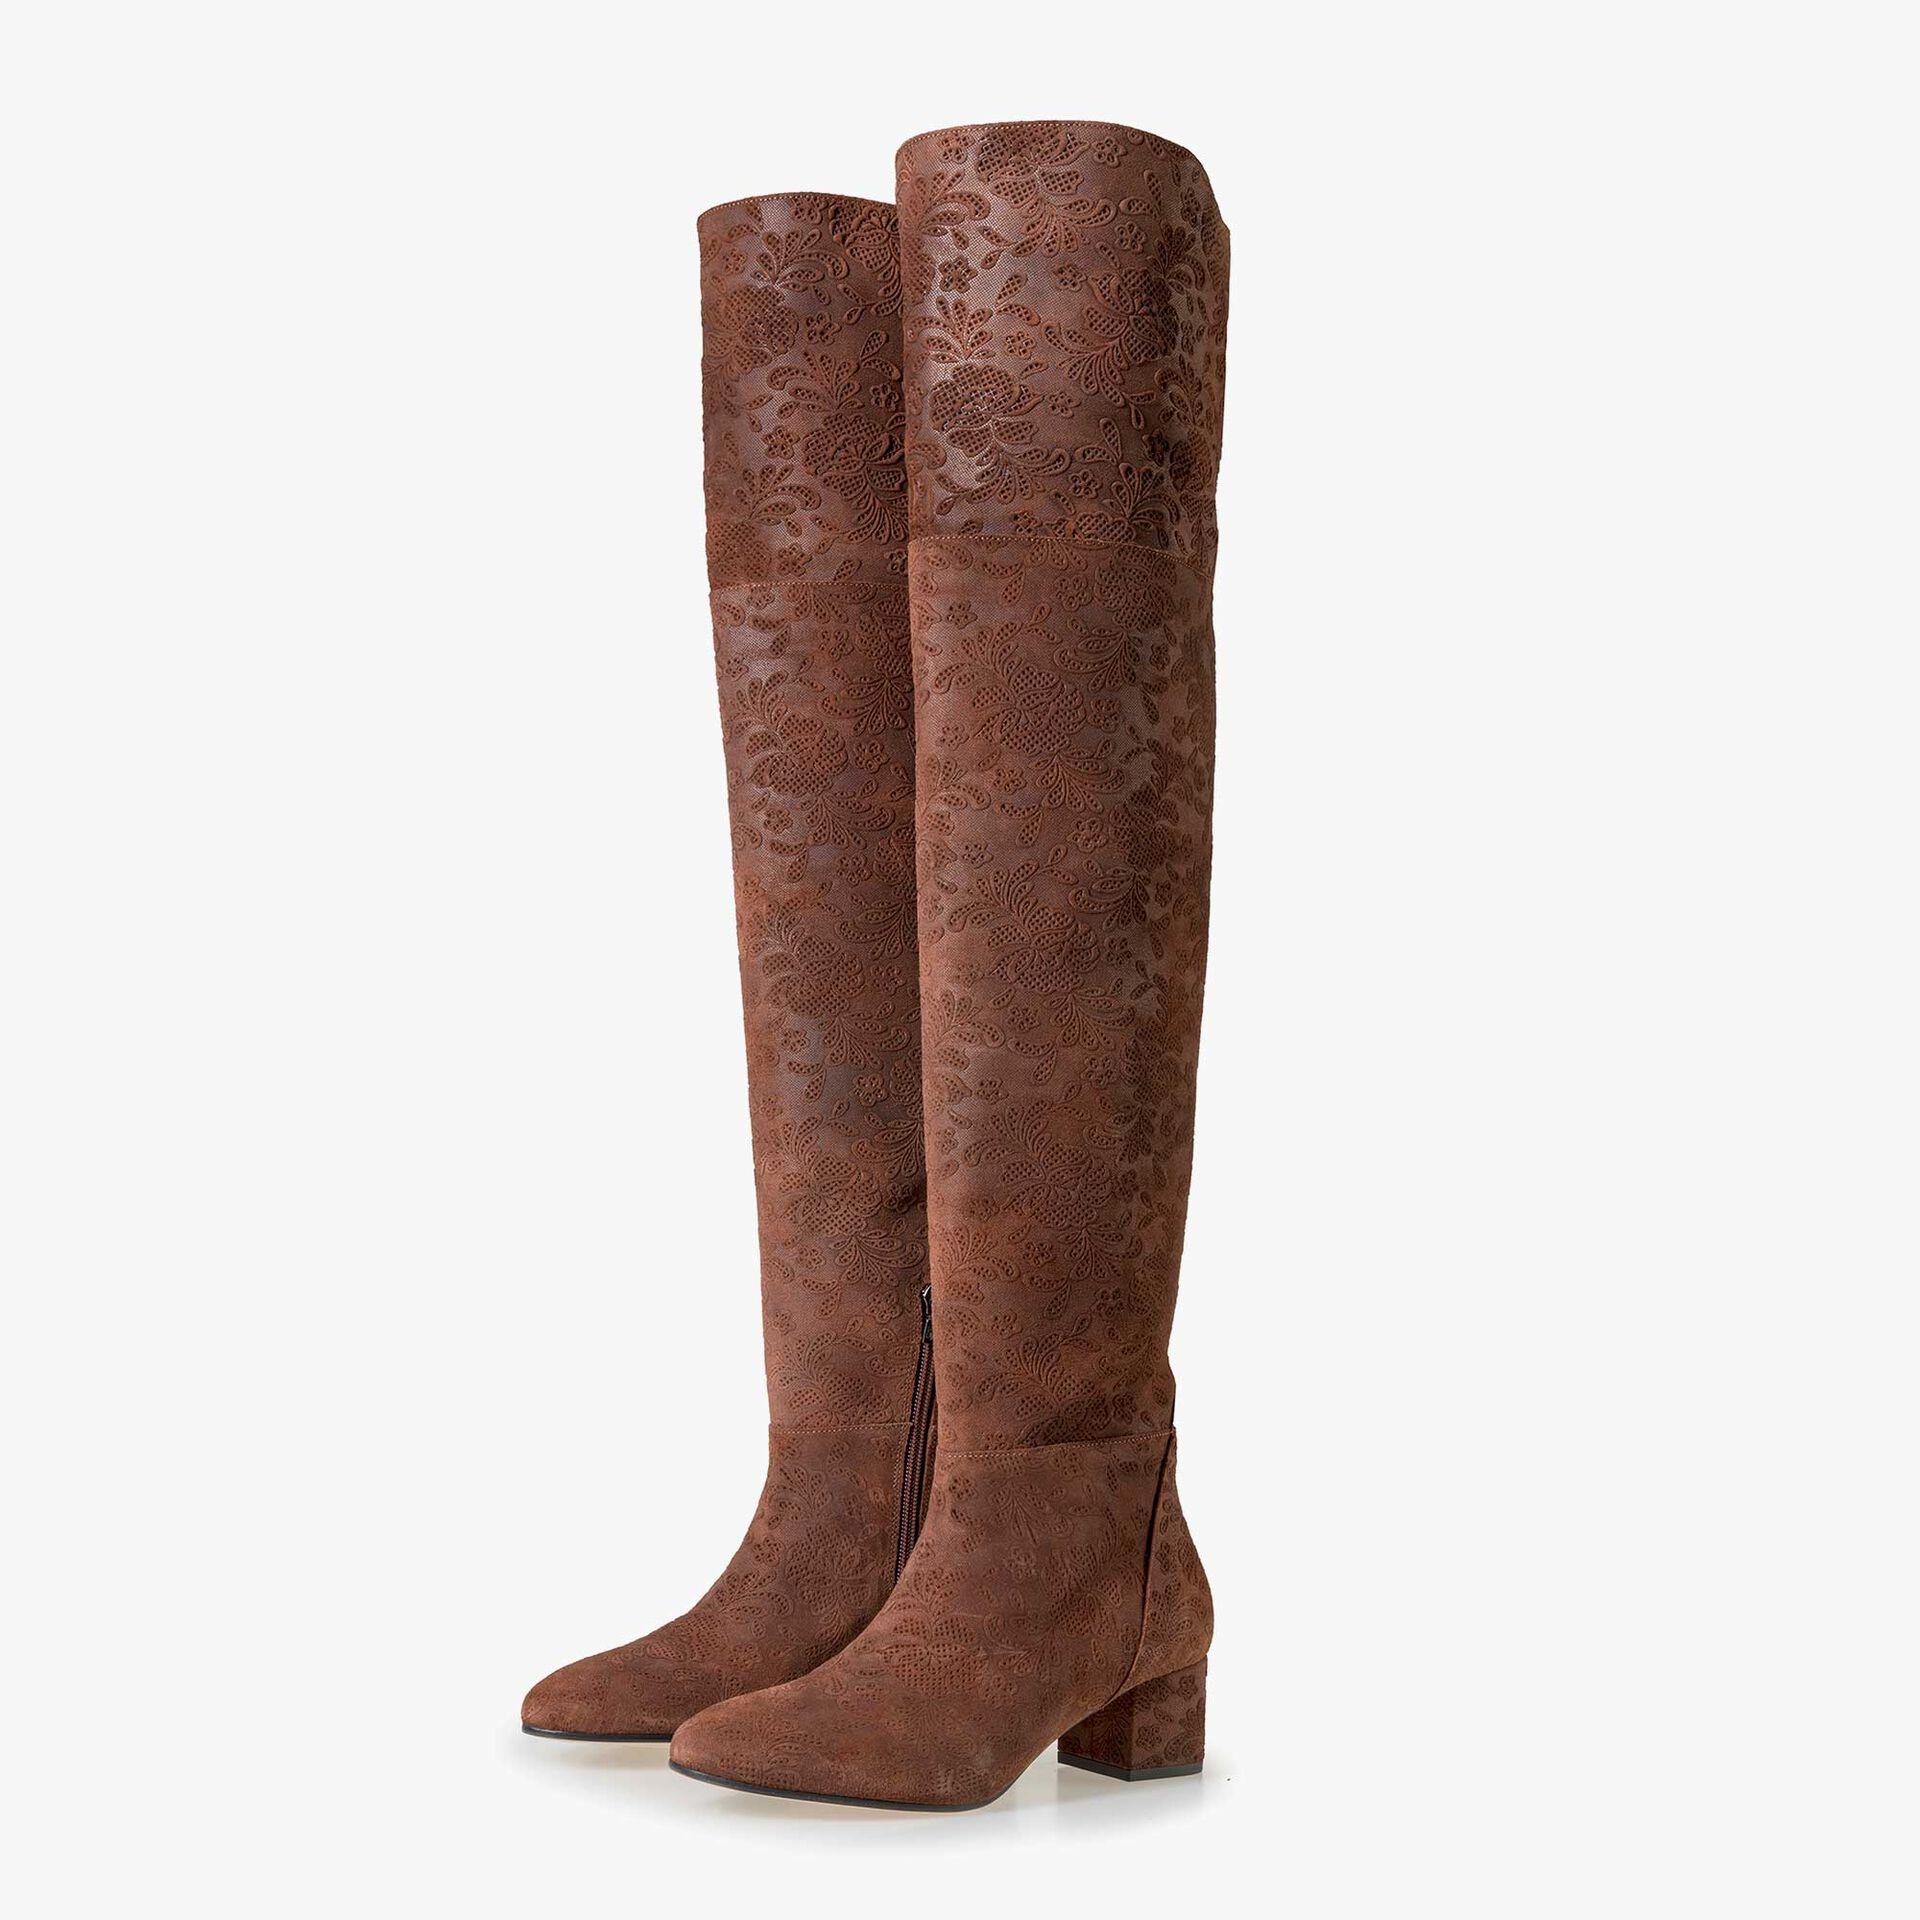 Floris van Bommel women's rust brown suede leather over knee boots